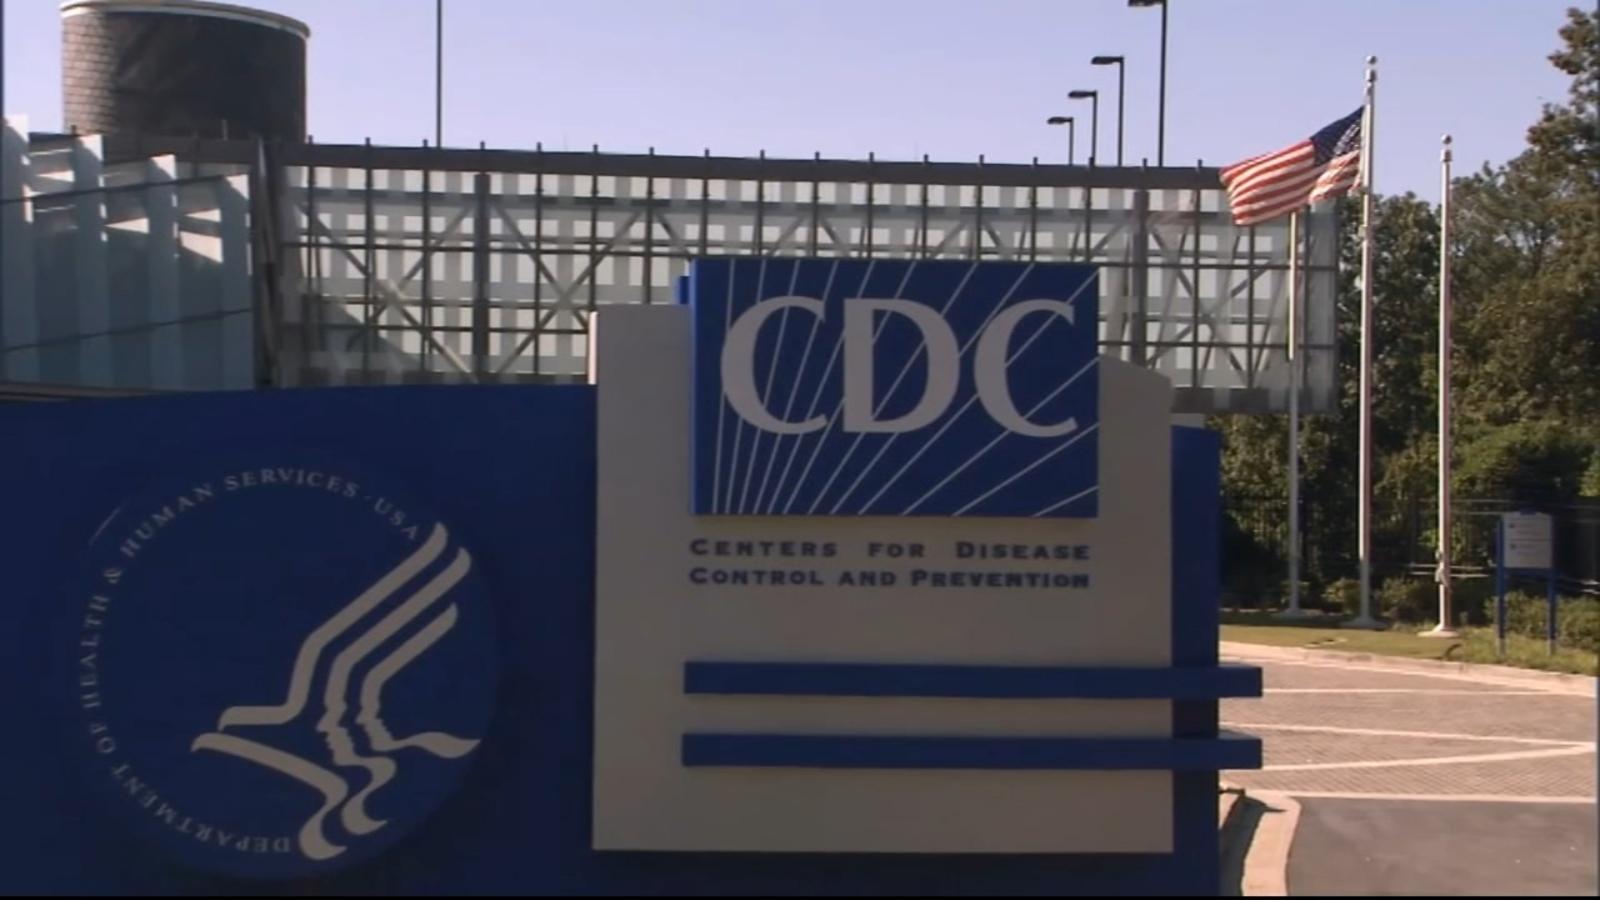 Health experts hope White House Coronavirus Task Force advisory urges people to take virus seriously